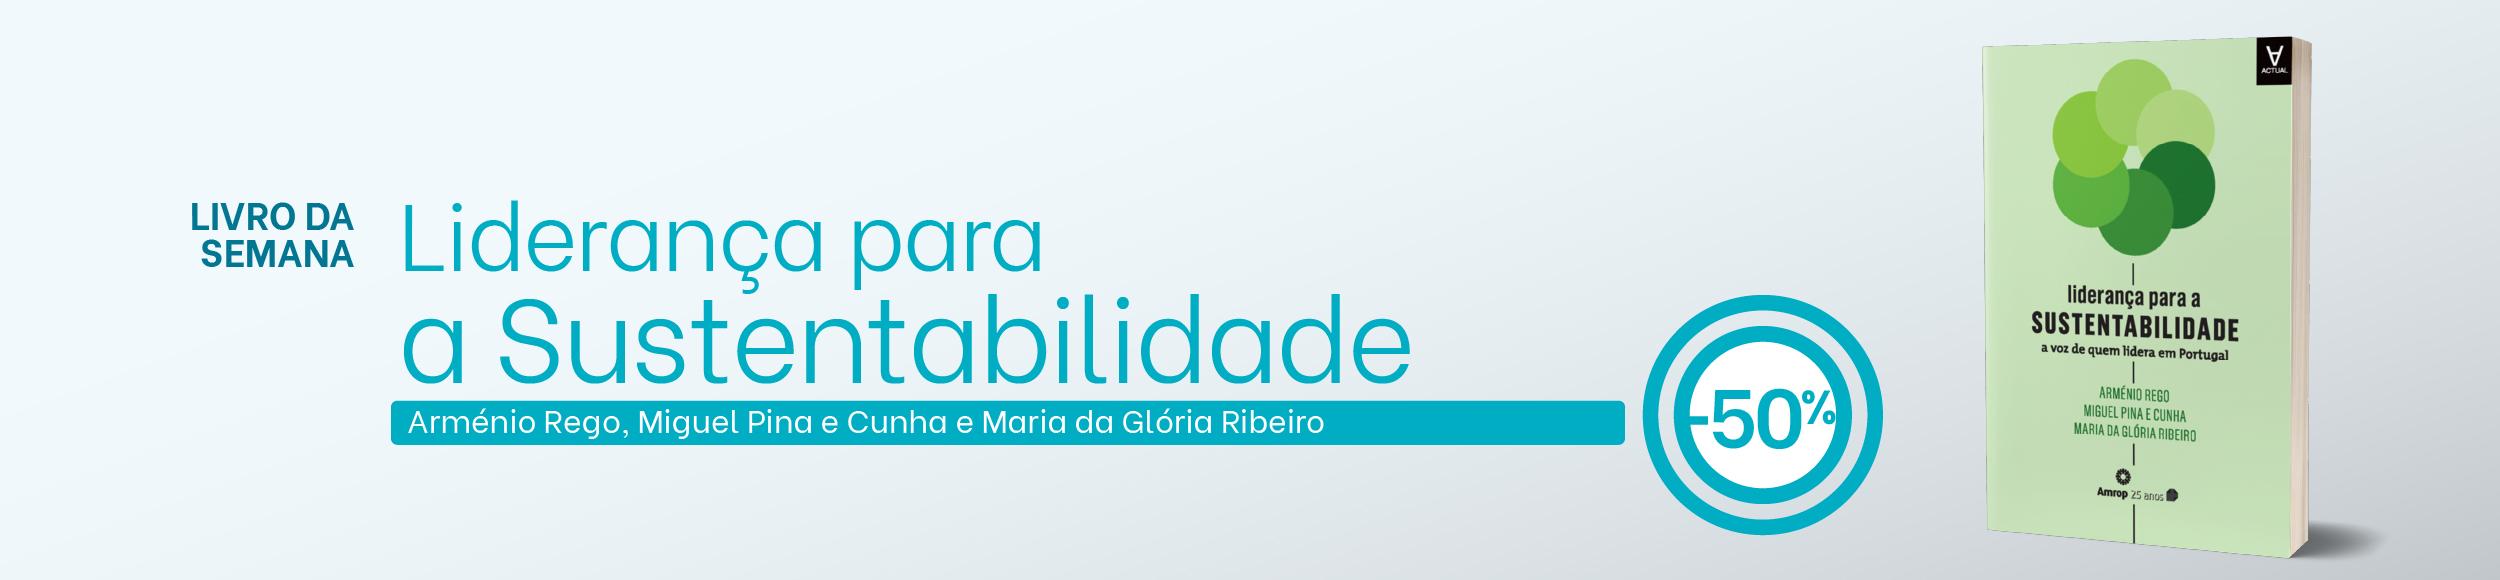 lideranca_sustentabilidade